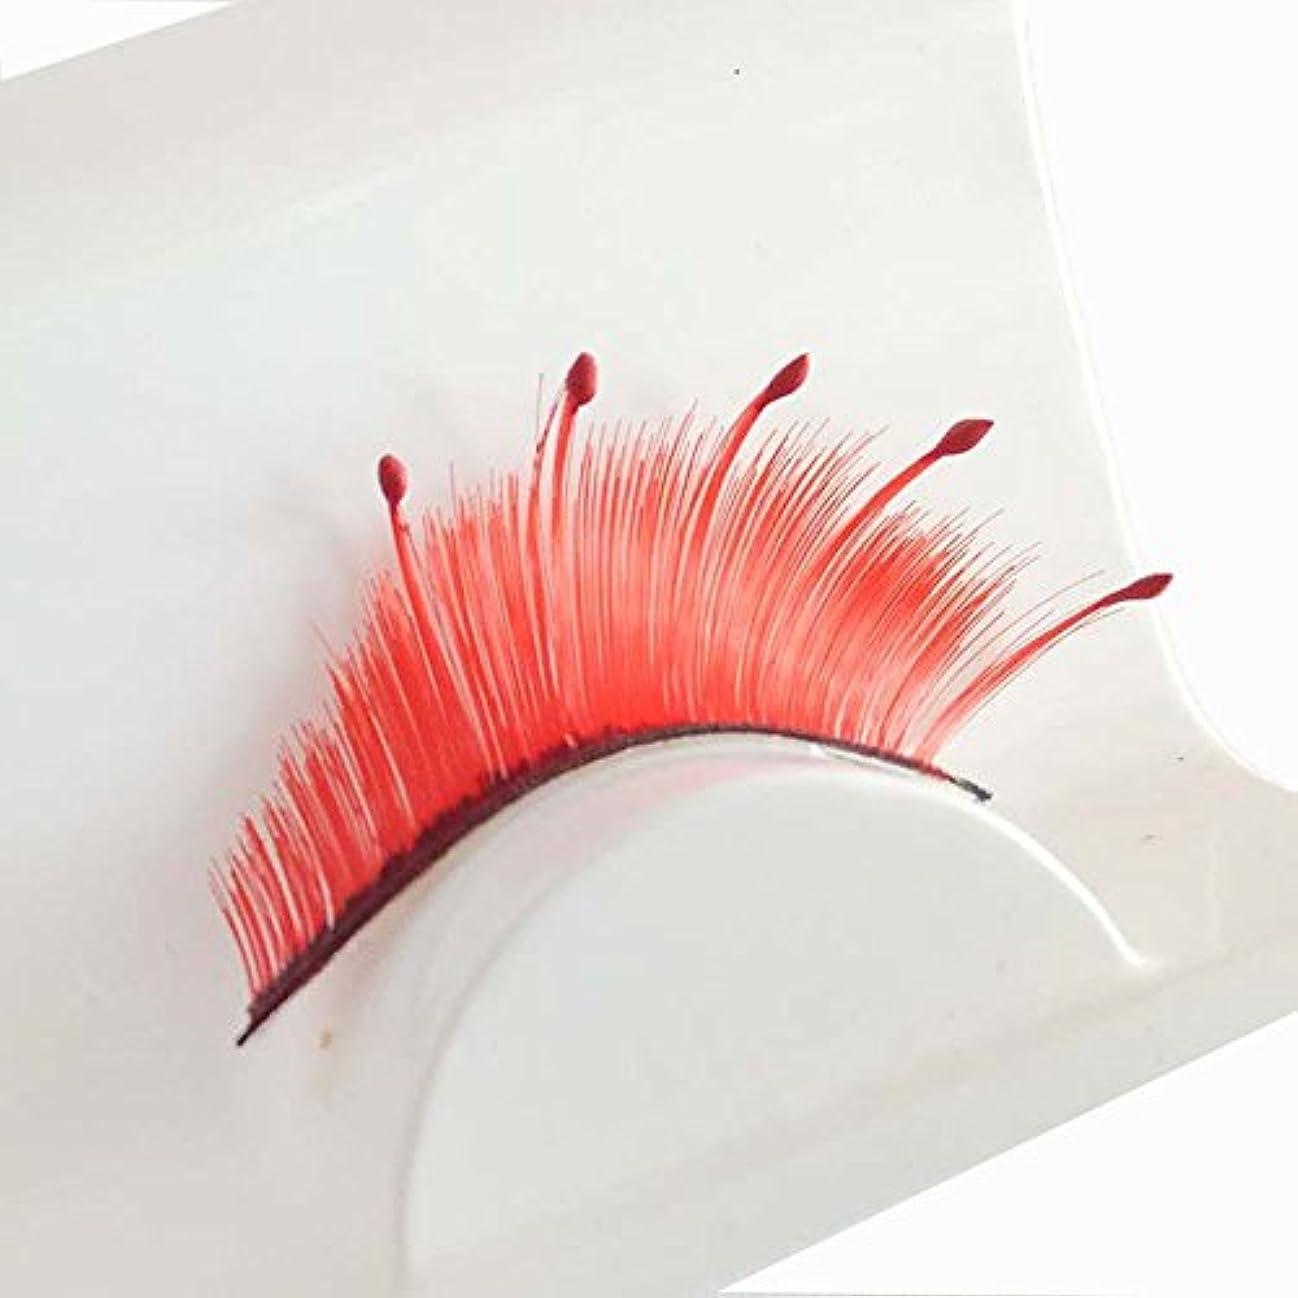 劇場クラブ逆組の女性のハロウィーンパーティー党メイクアップアート赤い波つけまつげ